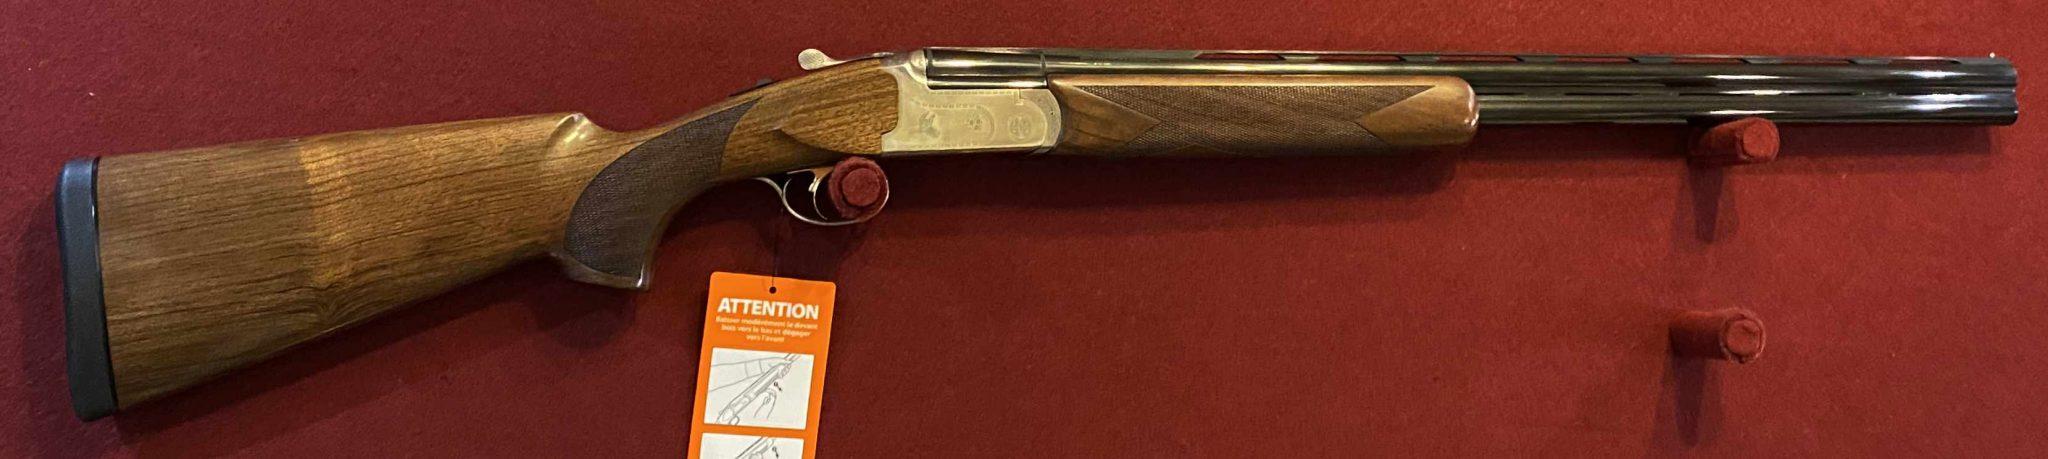 bettinsoli new shotguns